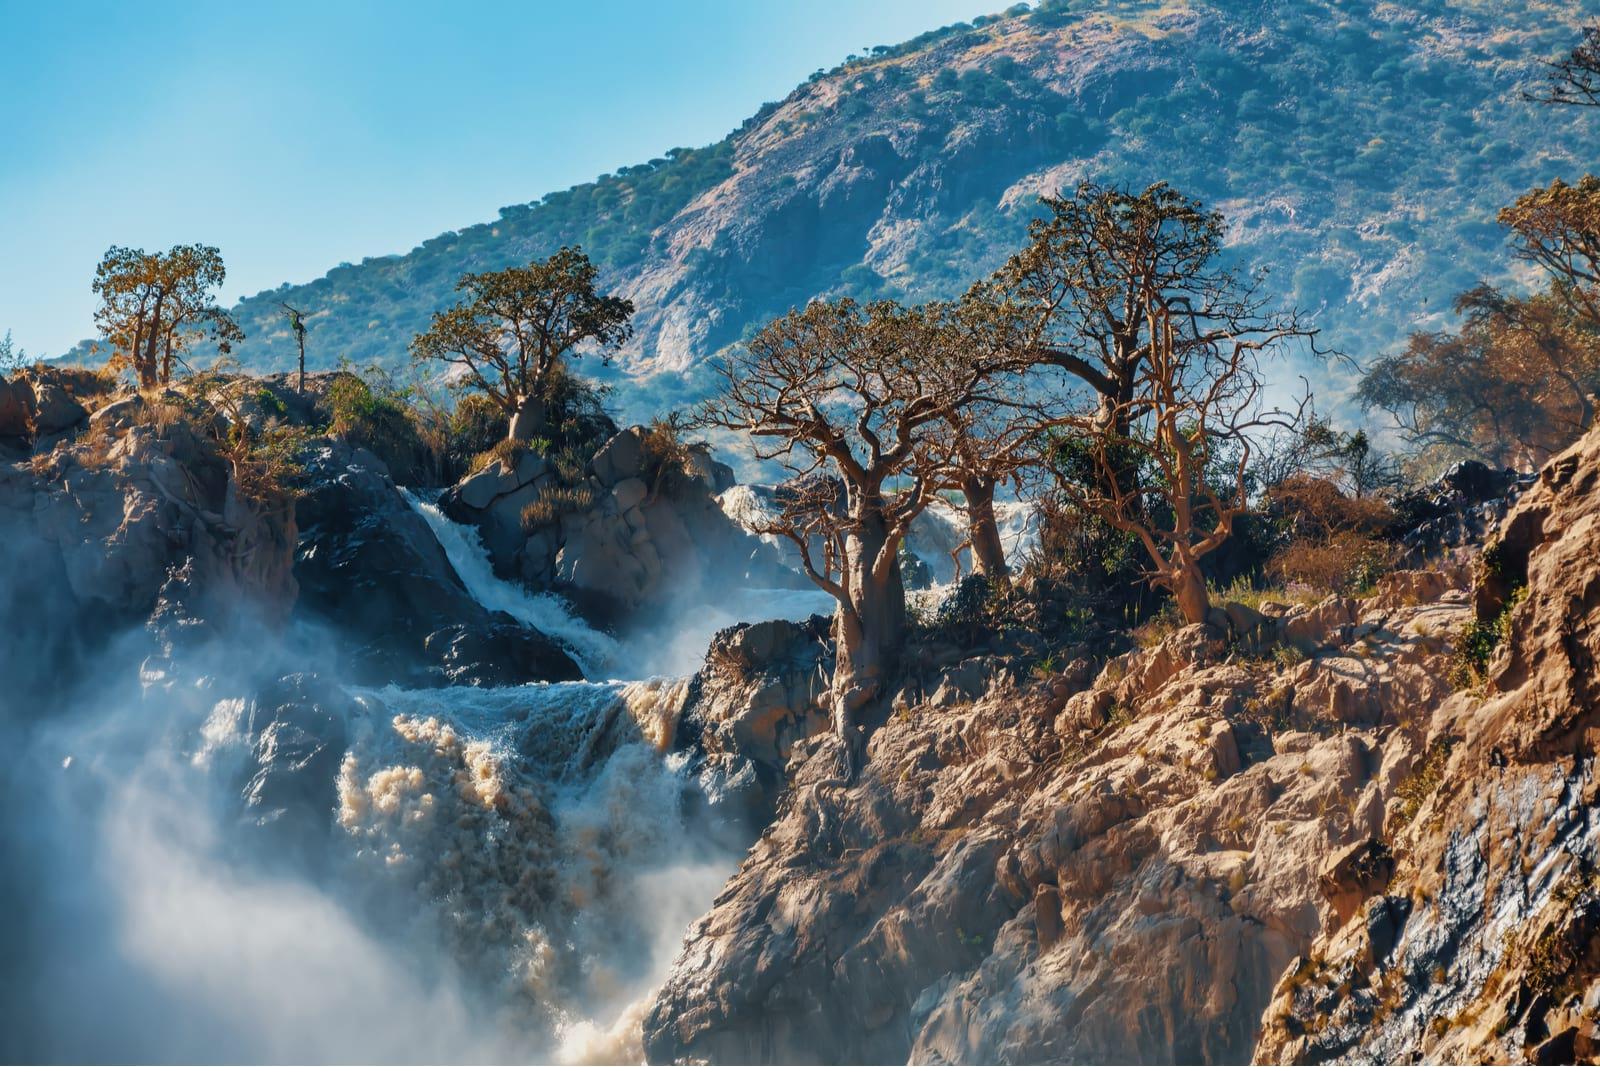 epupa falls backpacking namibia